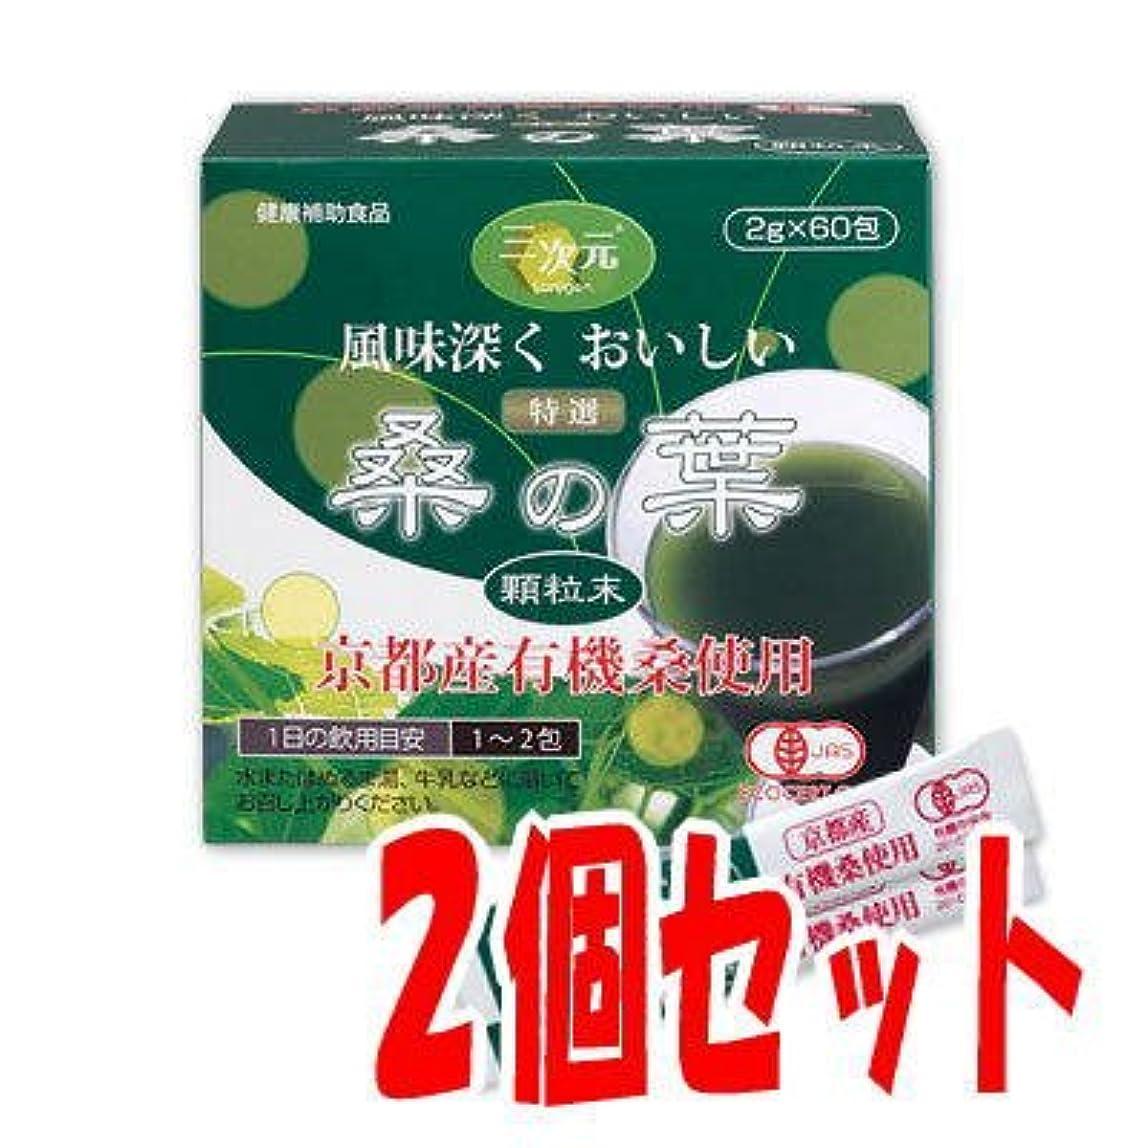 参照するスタンド一時的特選「桑の葉」顆粒末1箱60包入×2箱セット 国産(京都産)有機桑使用 苦くなく風味深くおいしい青汁